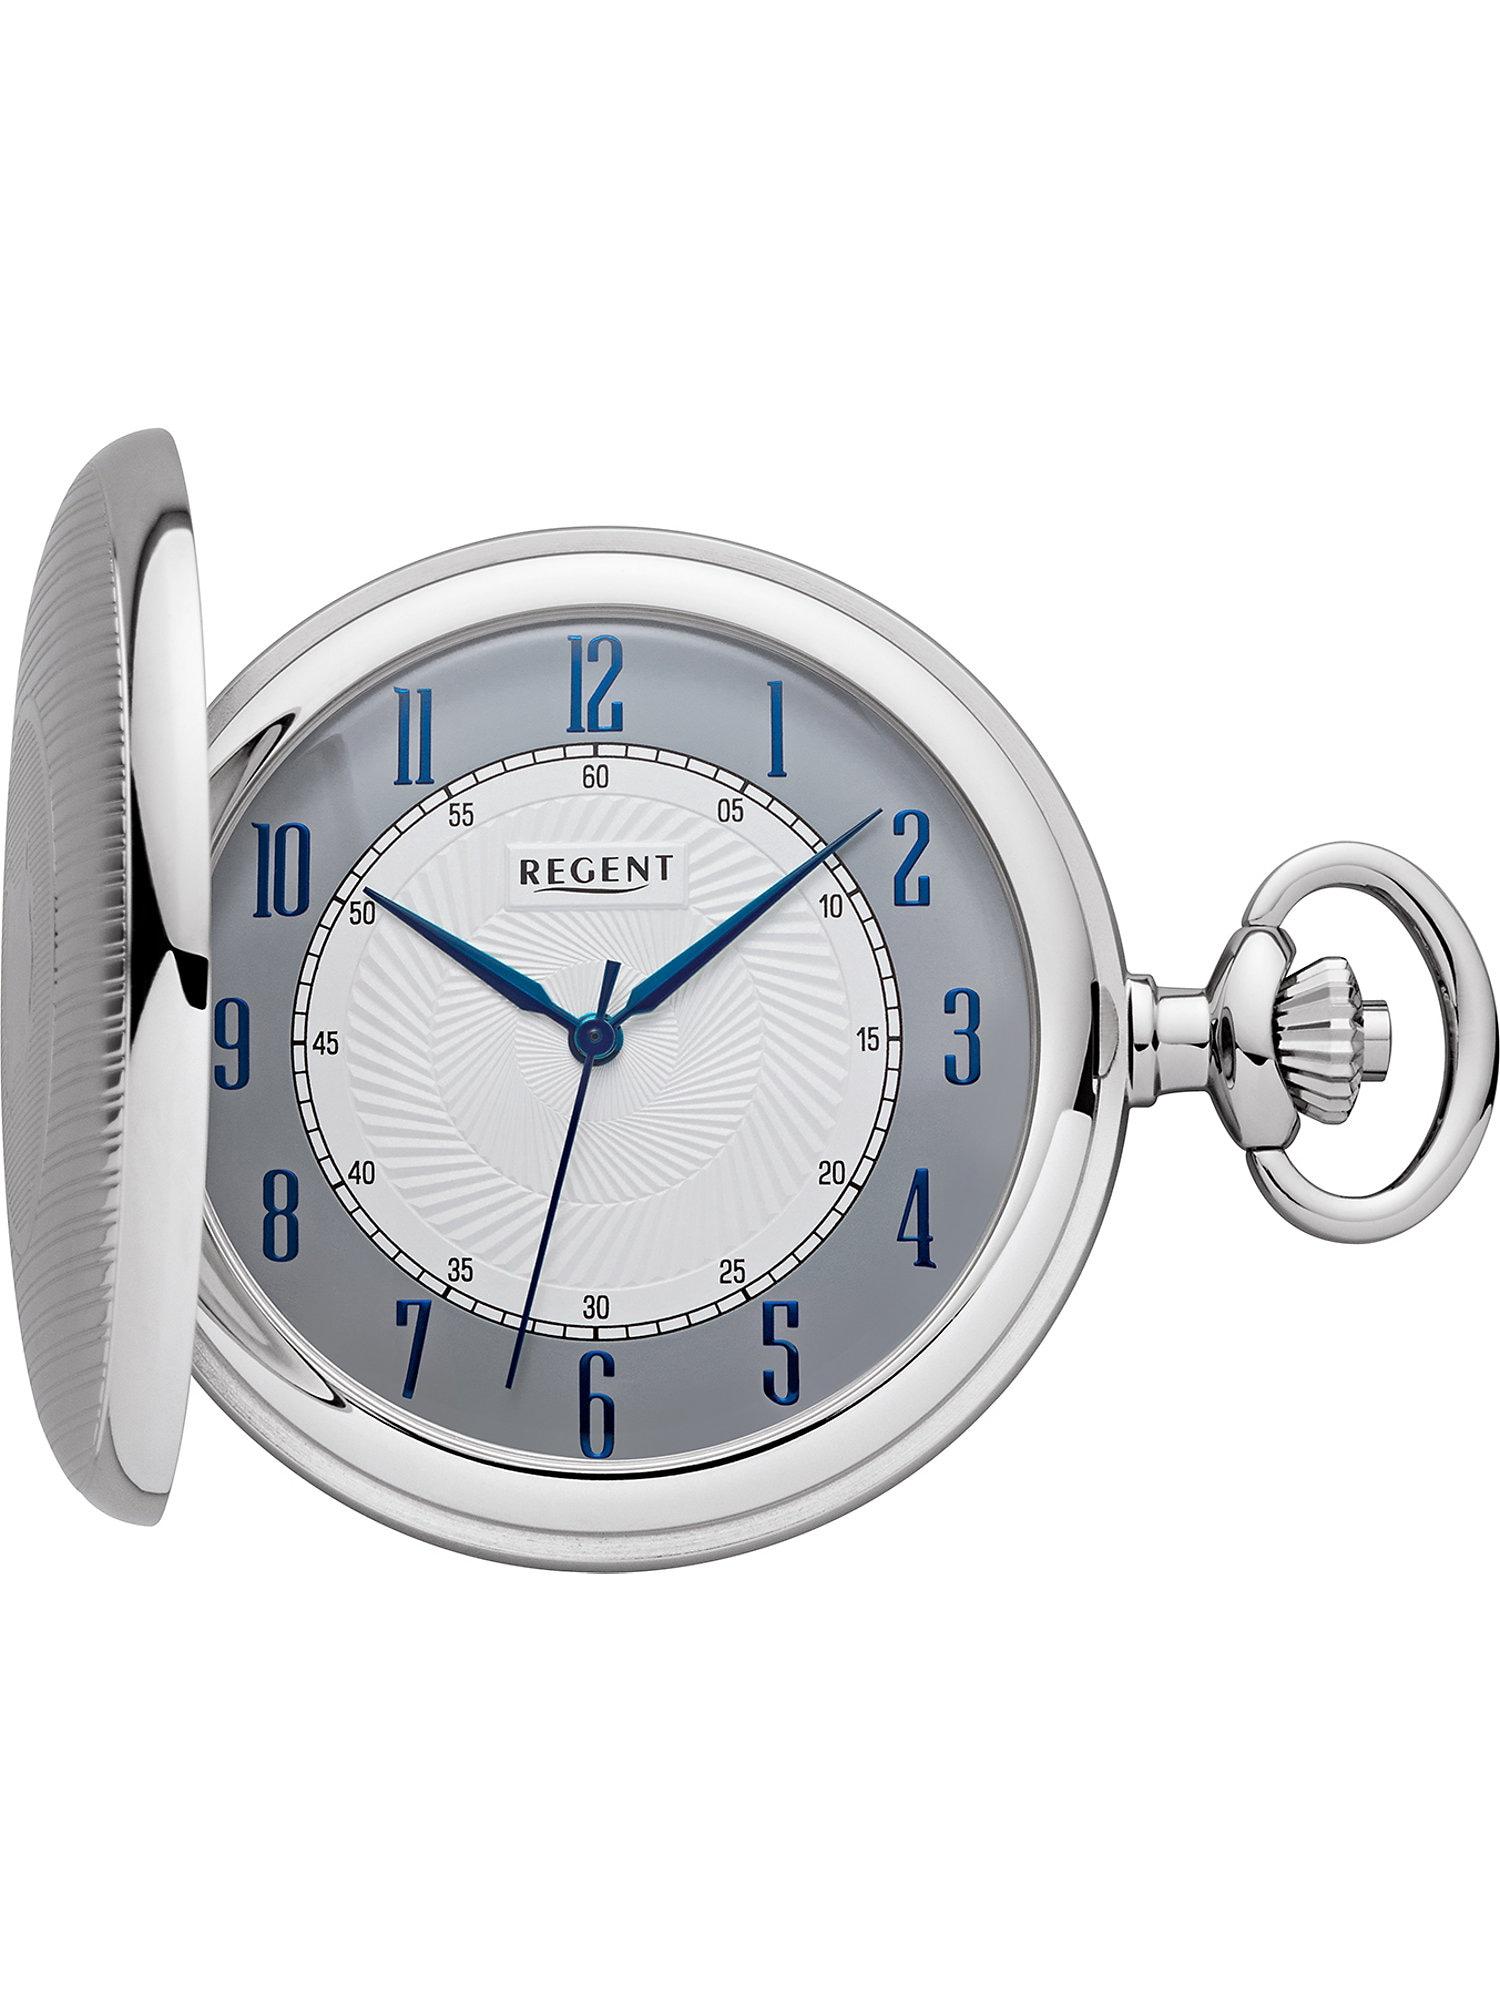 Taschenuhr | Uhren > Taschenuhren | Silber | Regent